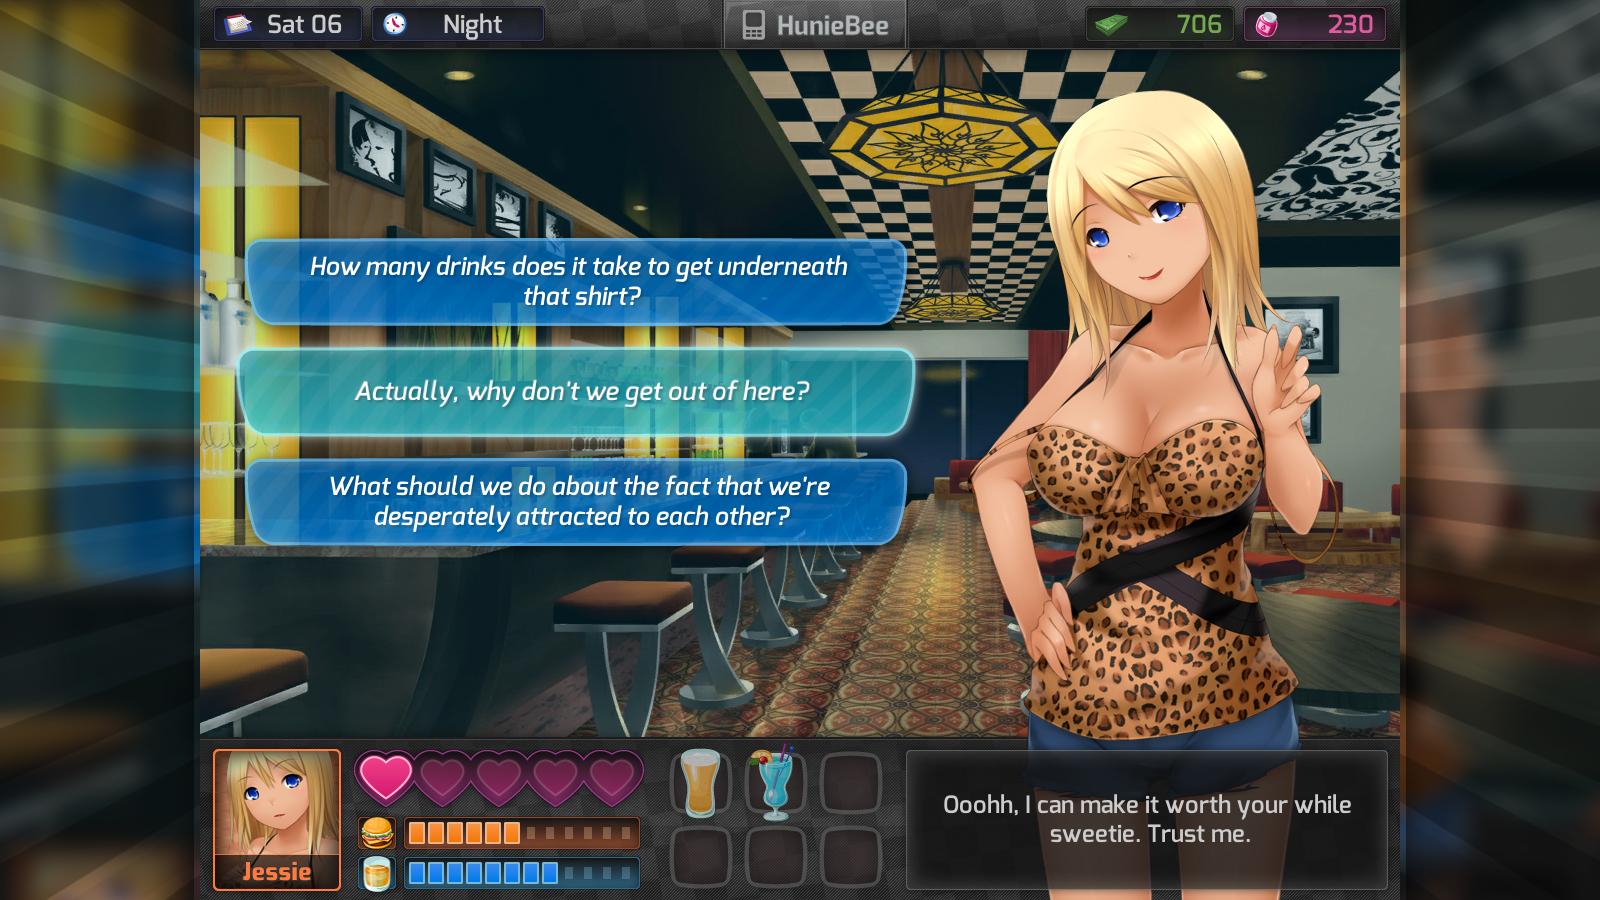 Princess bubblegum and marceline dating website